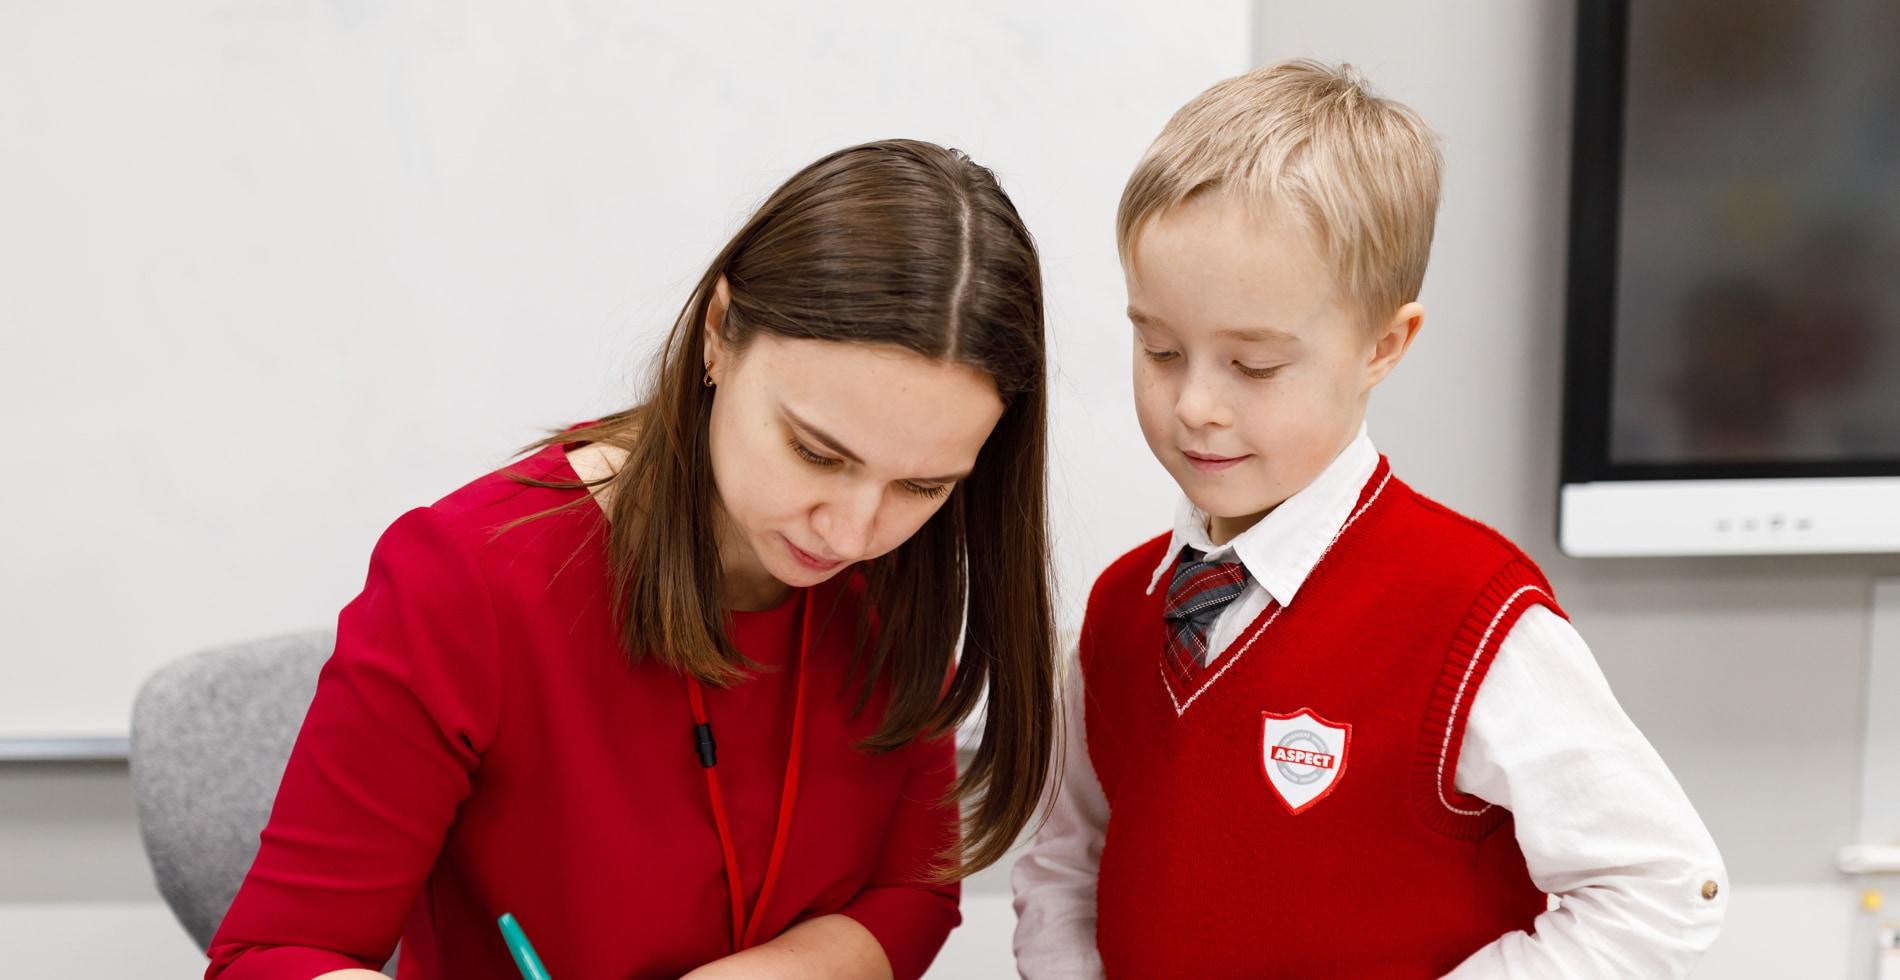 Обучение детей английскому языку в школе